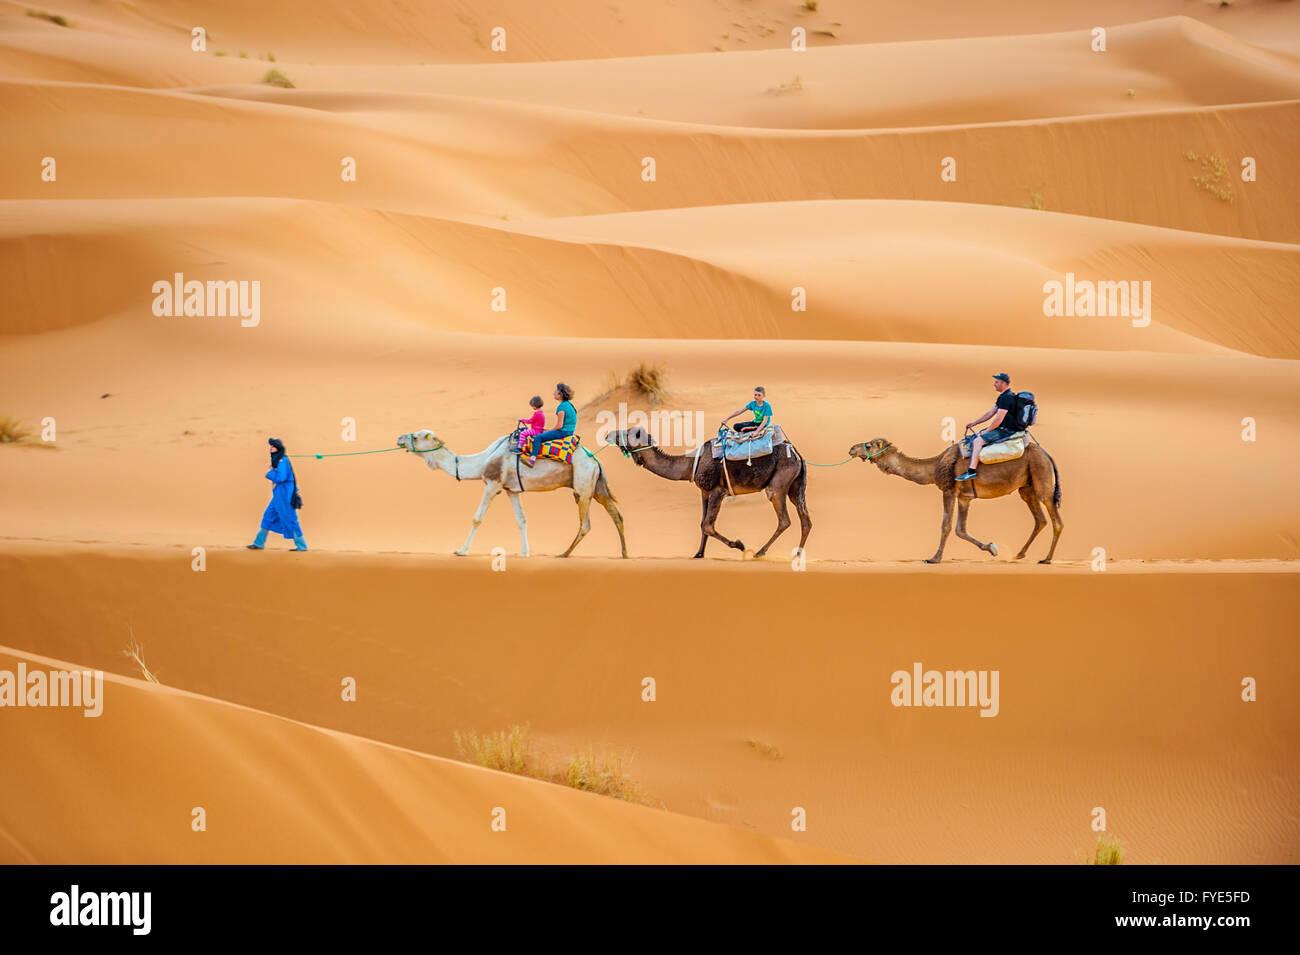 CHEBBY ERG, MAROC - 12 avril, 2013: les touristes chameaux dans l'Erg Chebbi, Maroc Photo Stock